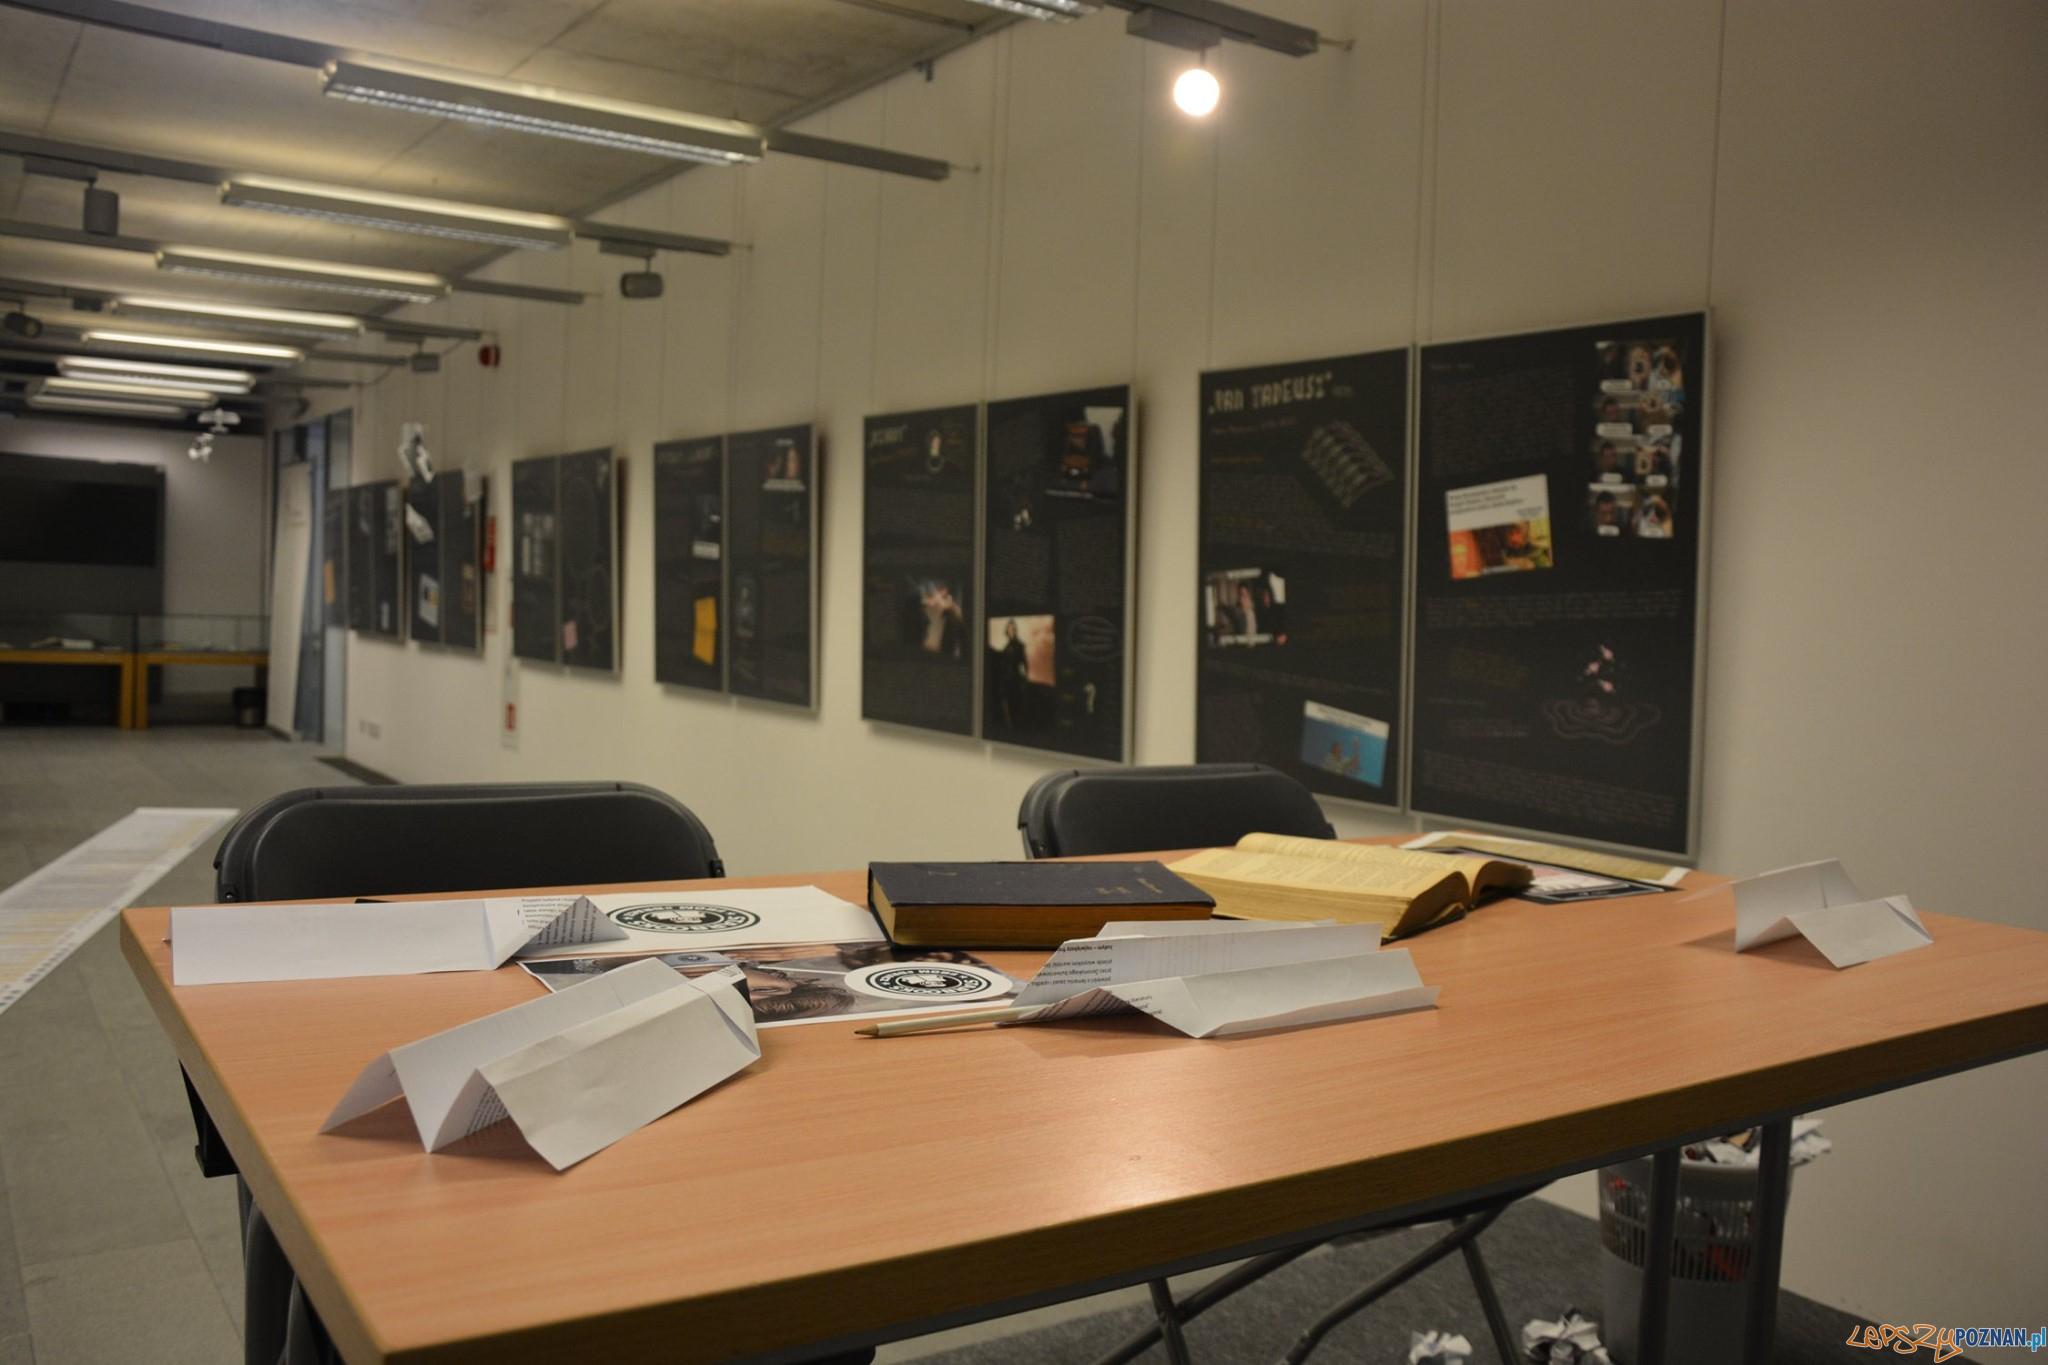 Biblioteka Raczyńskich - wystawa  Foto: materiały prasowe